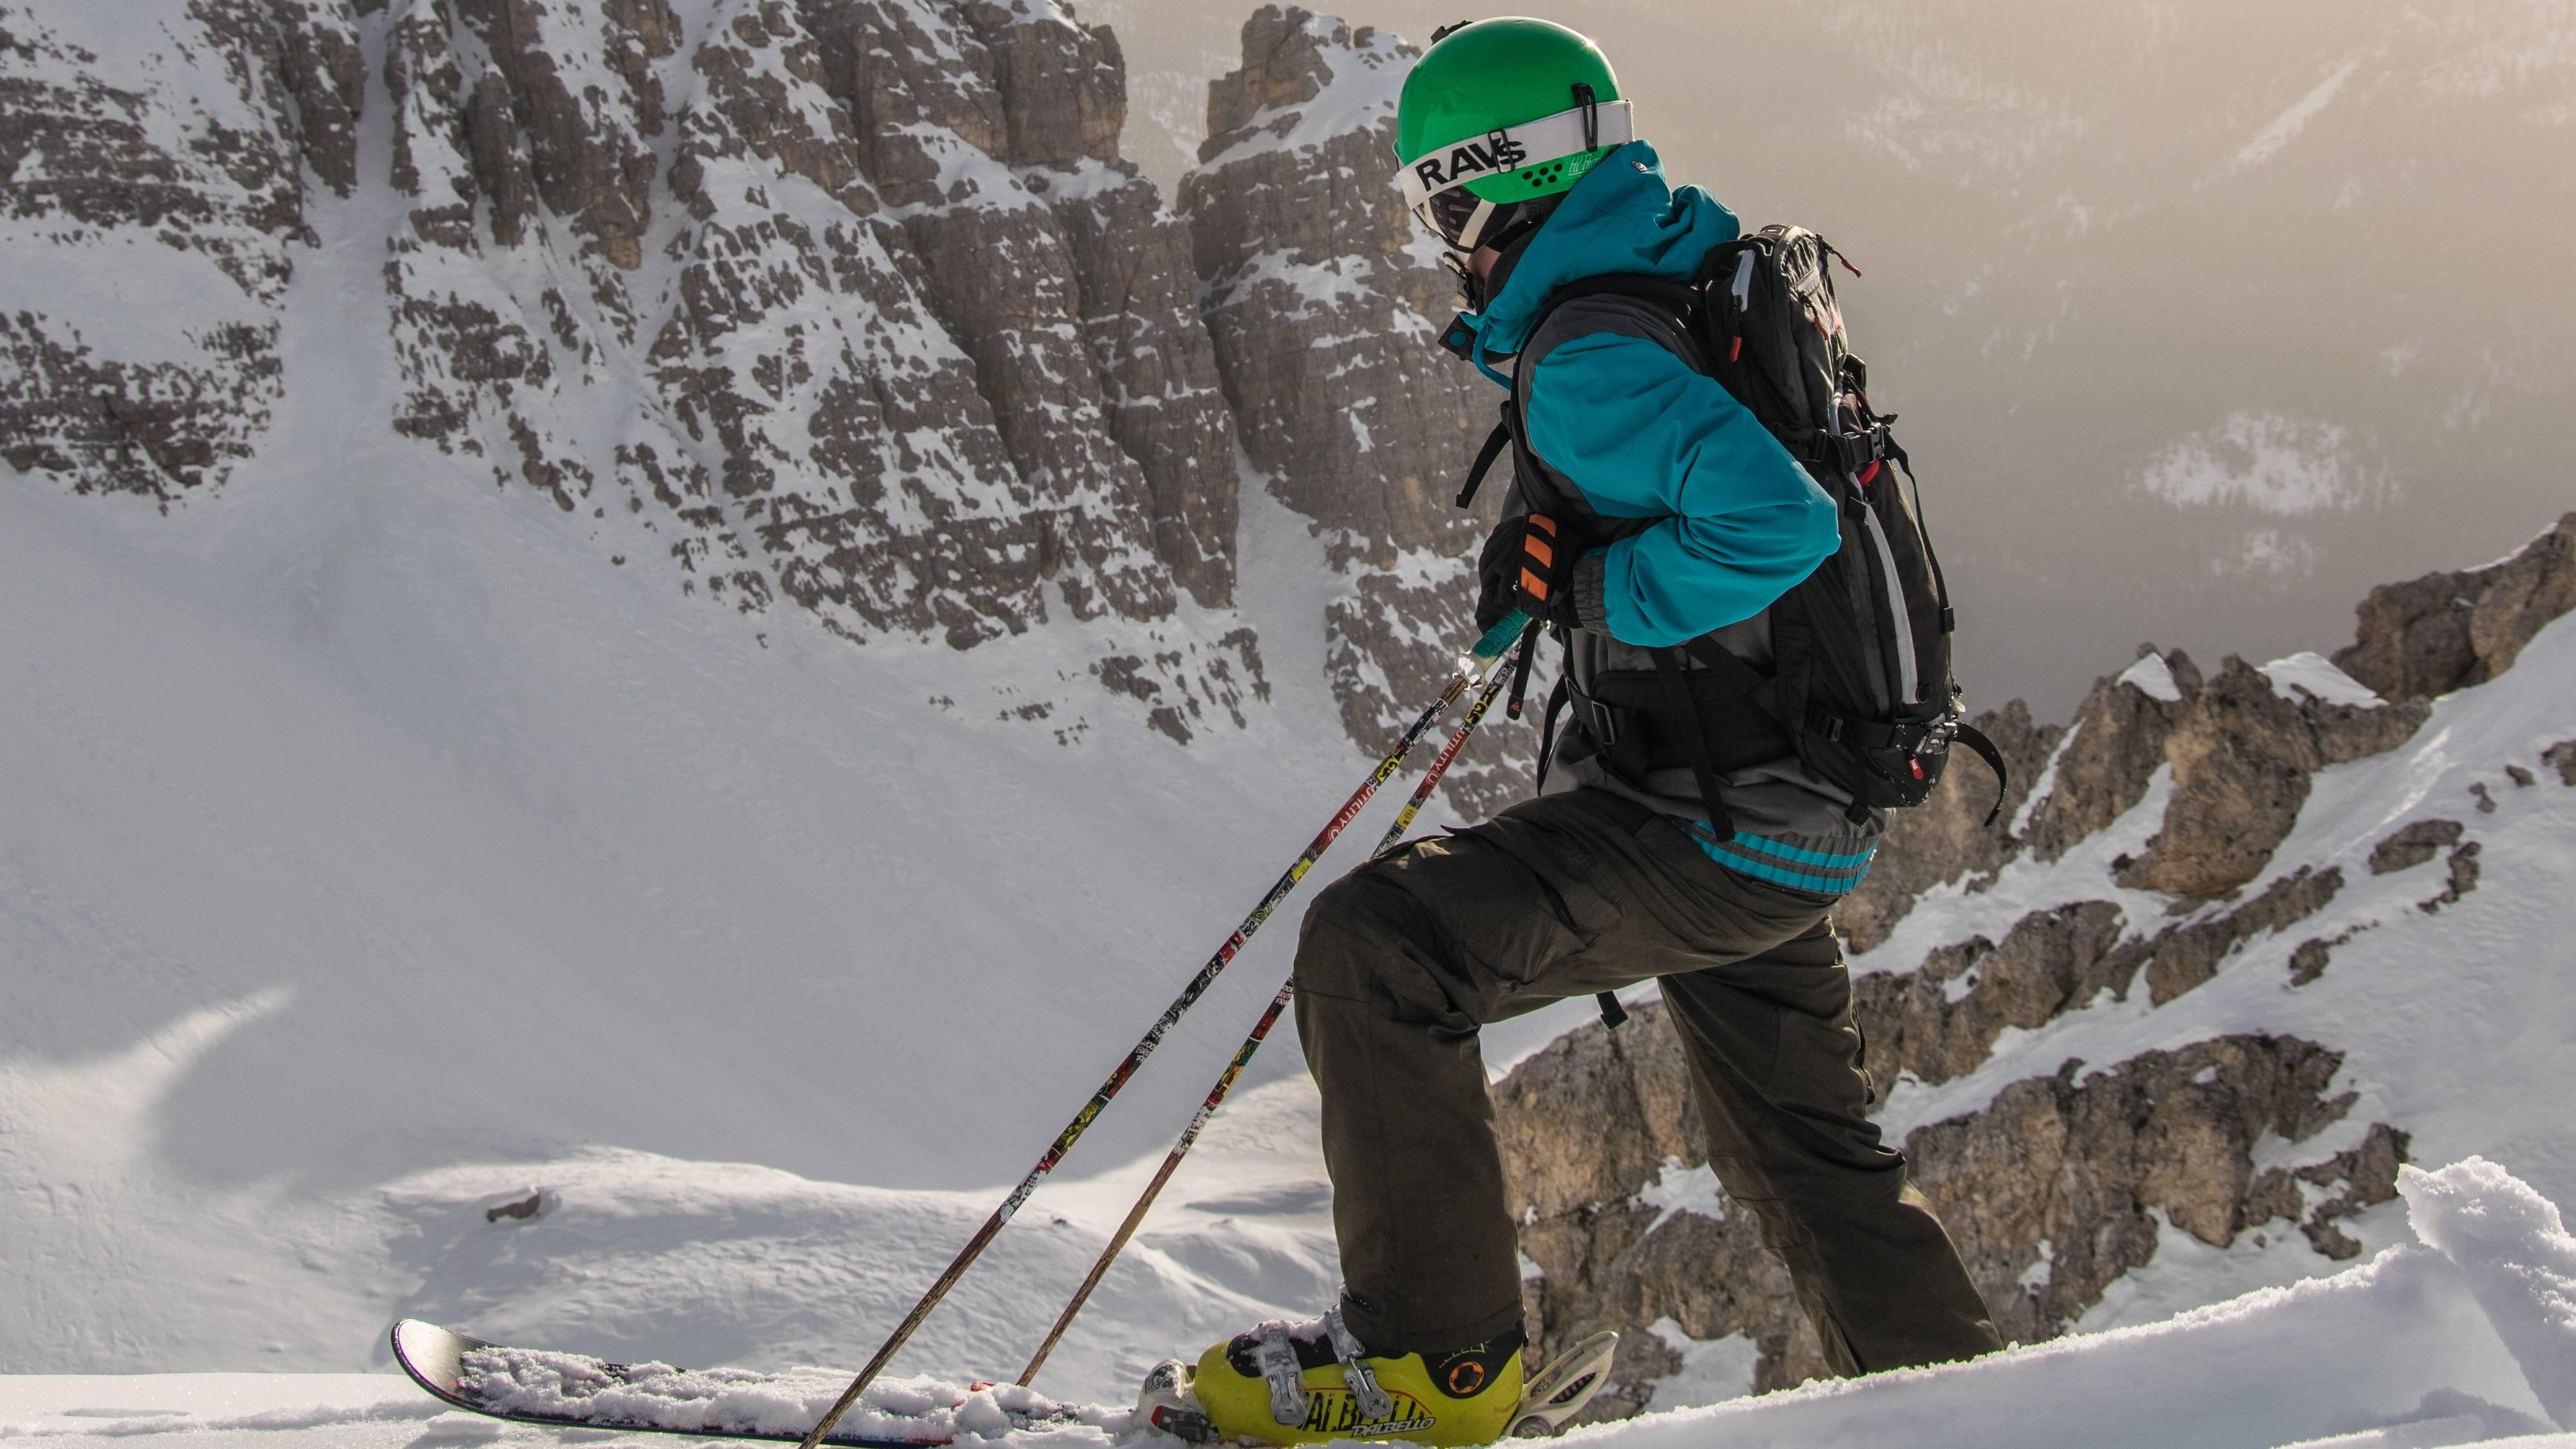 Lo sci alpinismo alle Olimpiadi: nuovo sport a Milano Cortina 2026